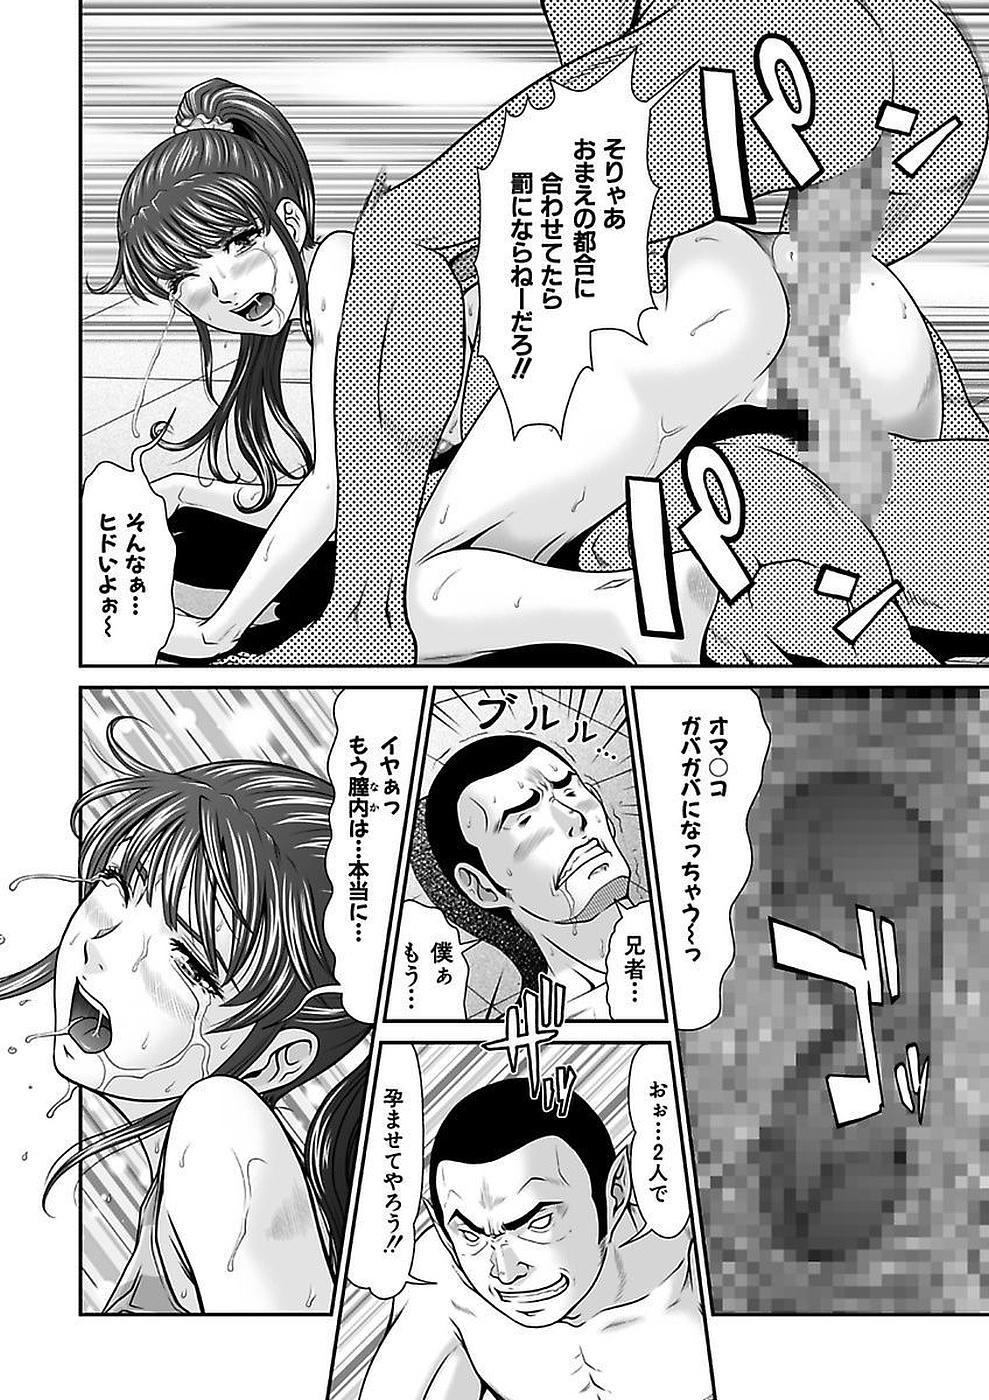 [Kurono Masakado] Dengeki Zecchou! Hihoujima ~Chikyuu no Oku ni Sasowarete~ Joukan 55